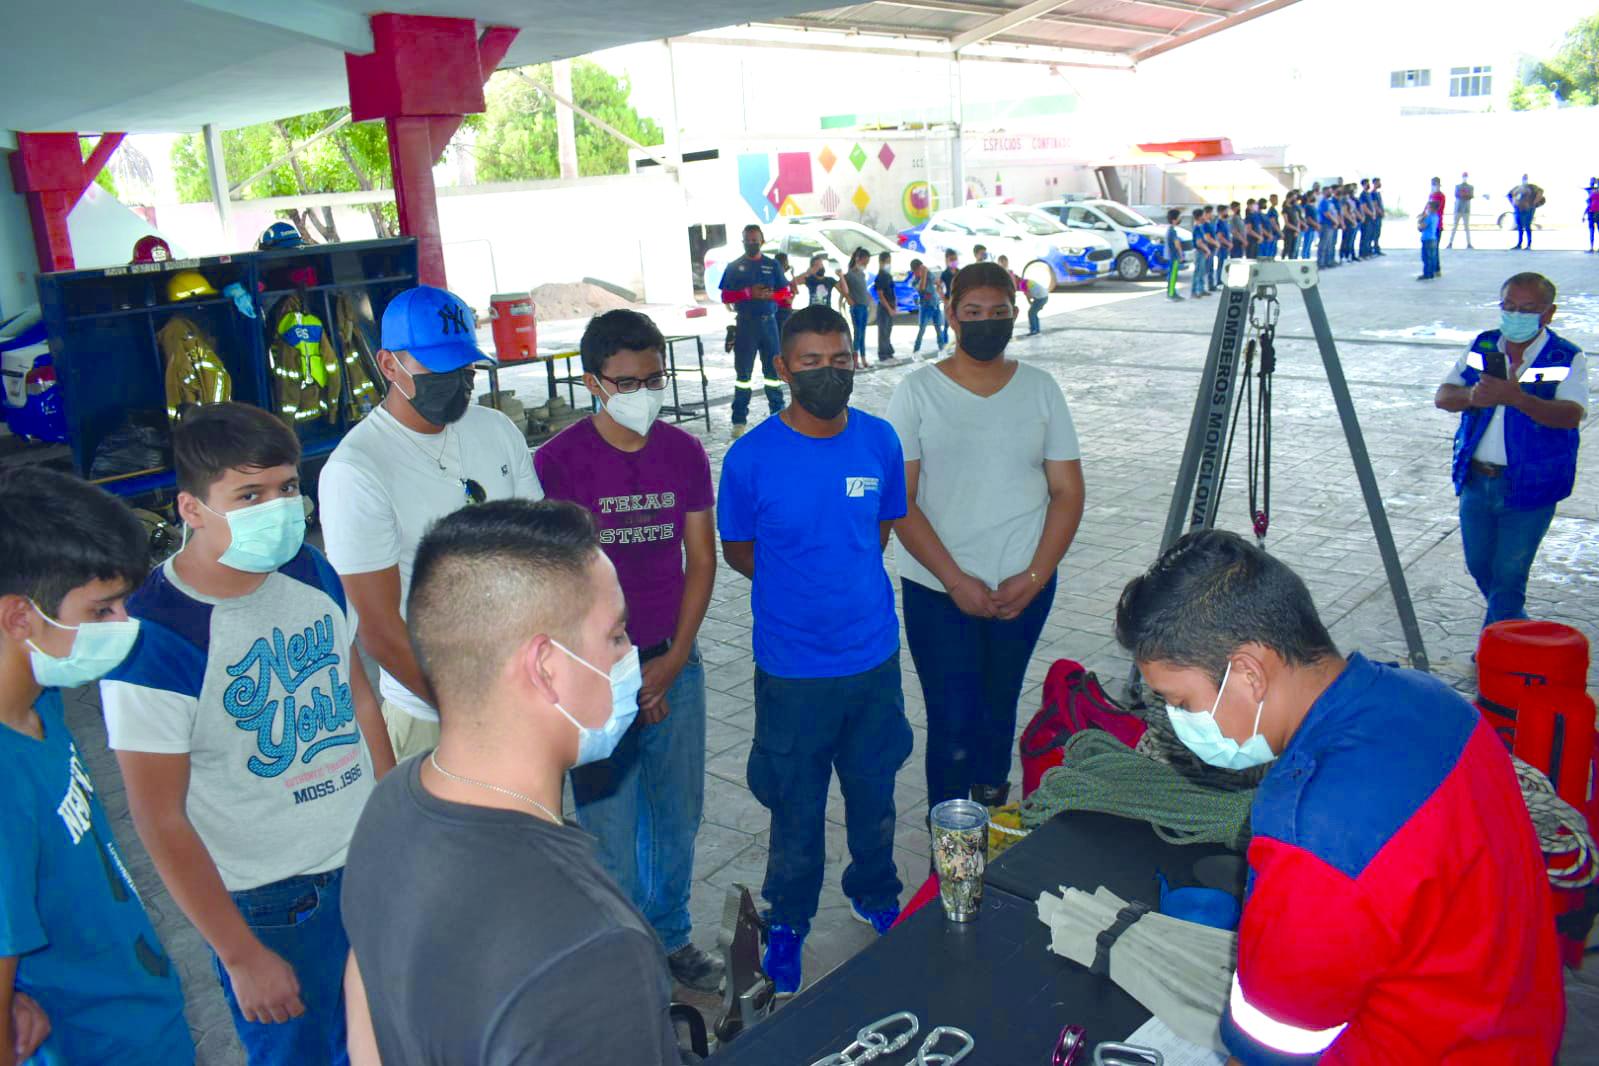 Académicos de Bomberos celebran el día de Protección Civil en Monclova